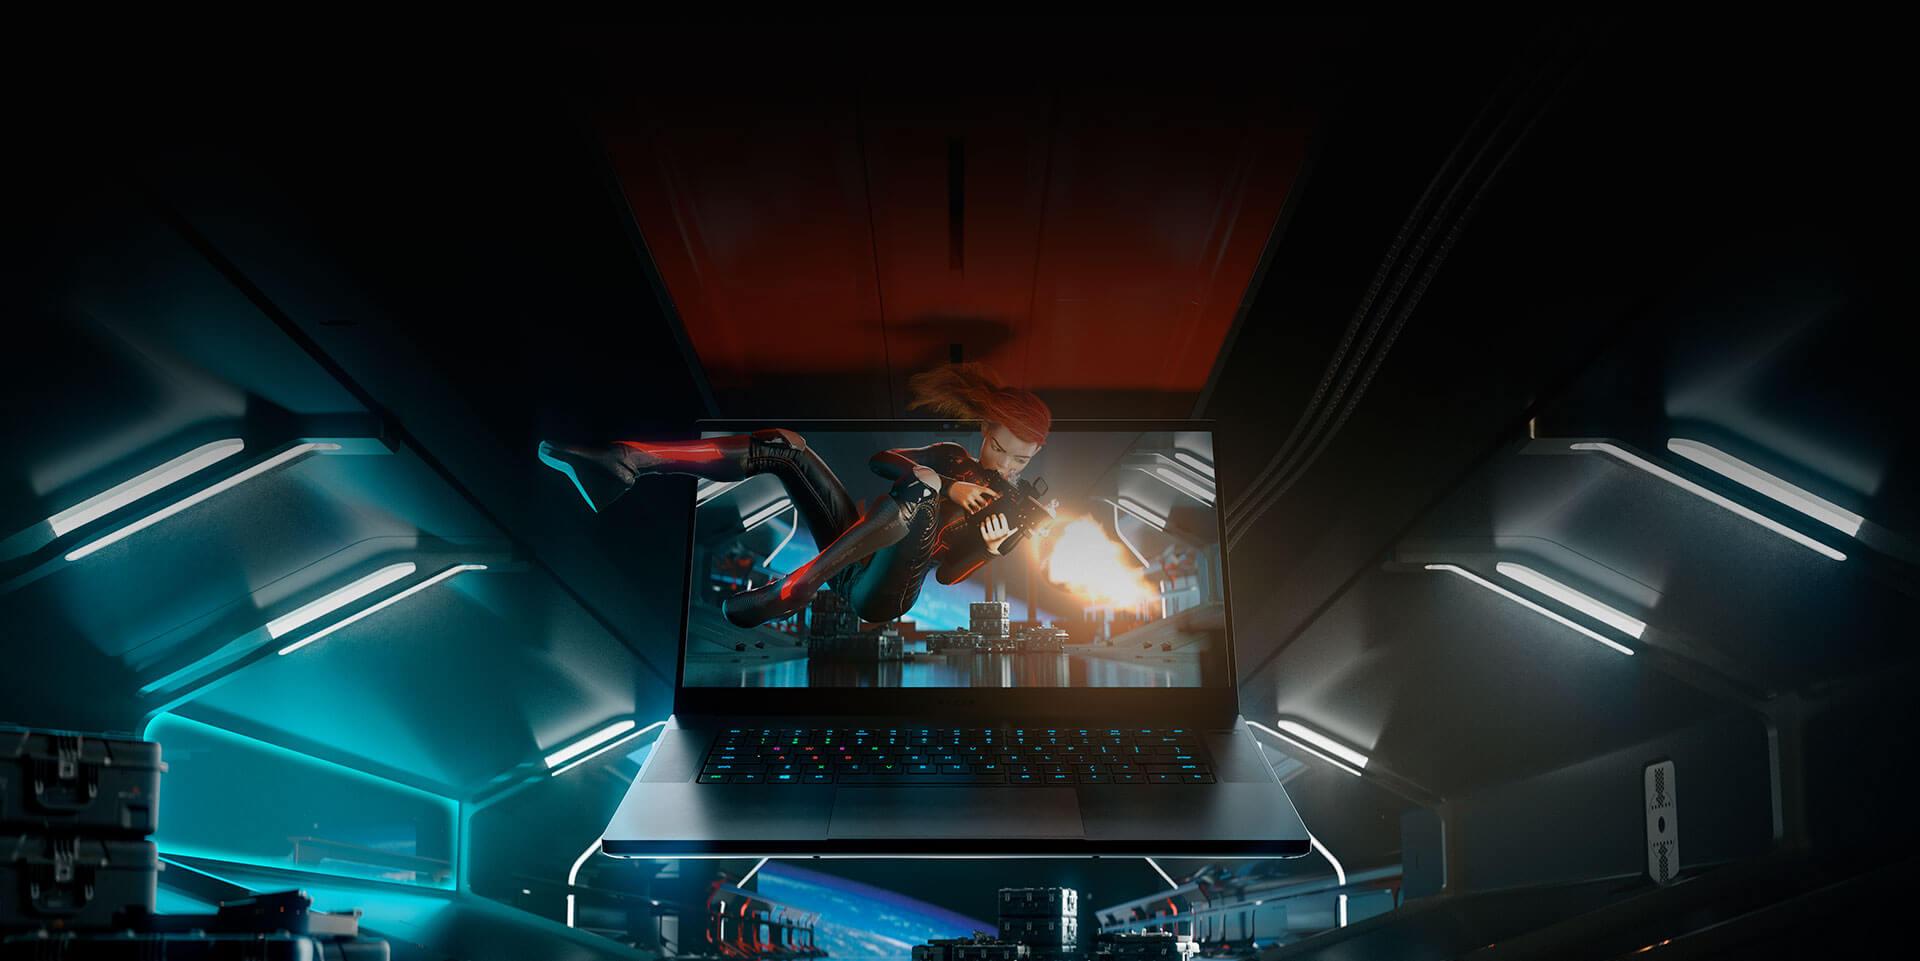 Erweitere deine Gefechtsstation mit bis zu 3 externen Displays per Thunderbolt 3